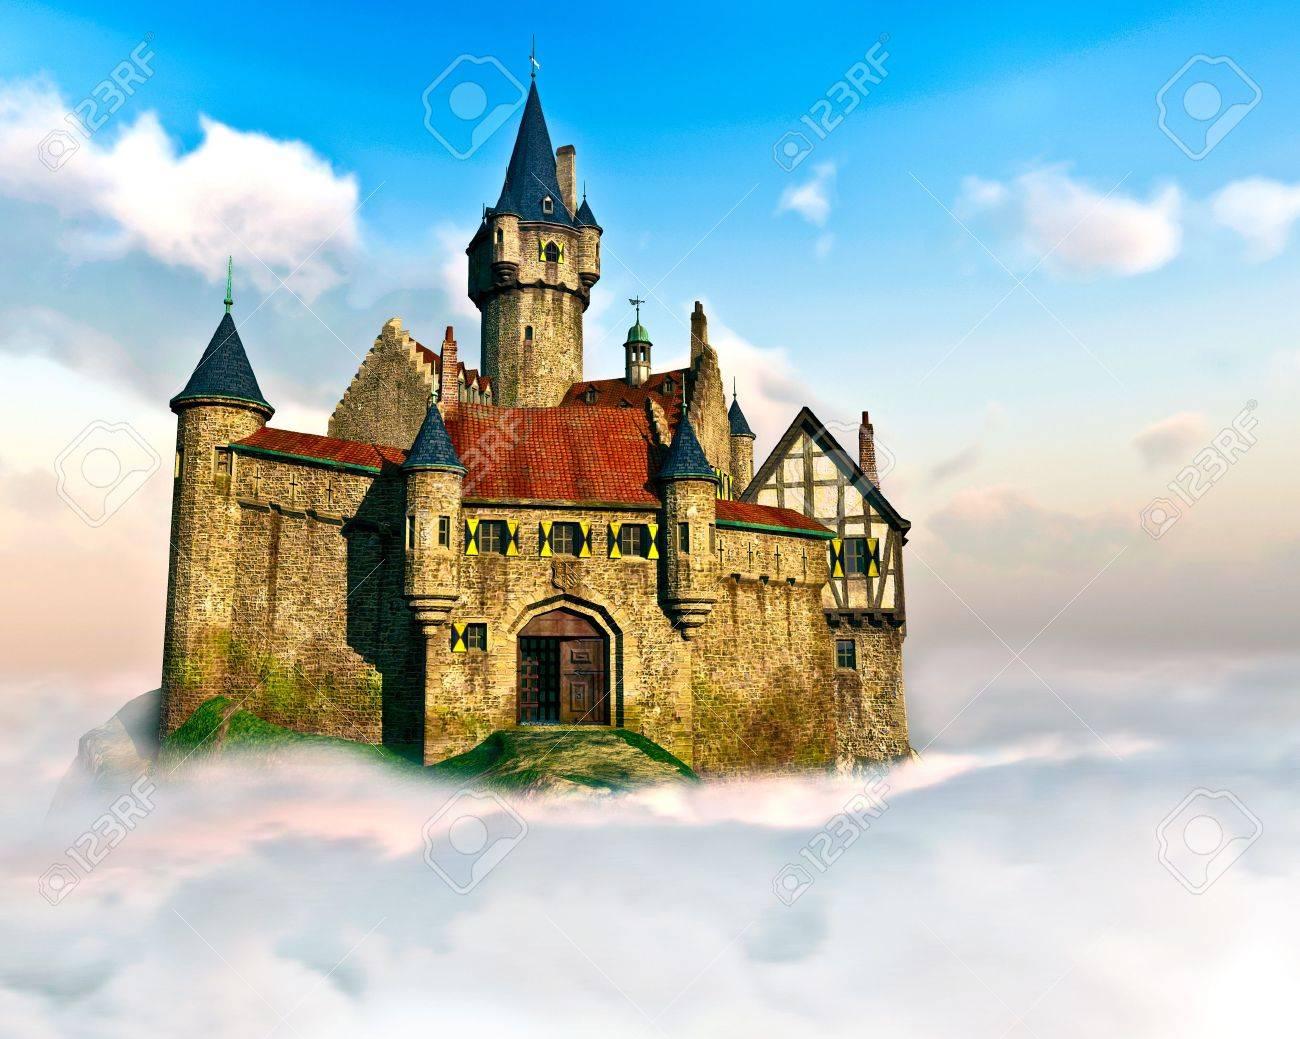 Un Chateau Dans Les Nuages castle in the clouds